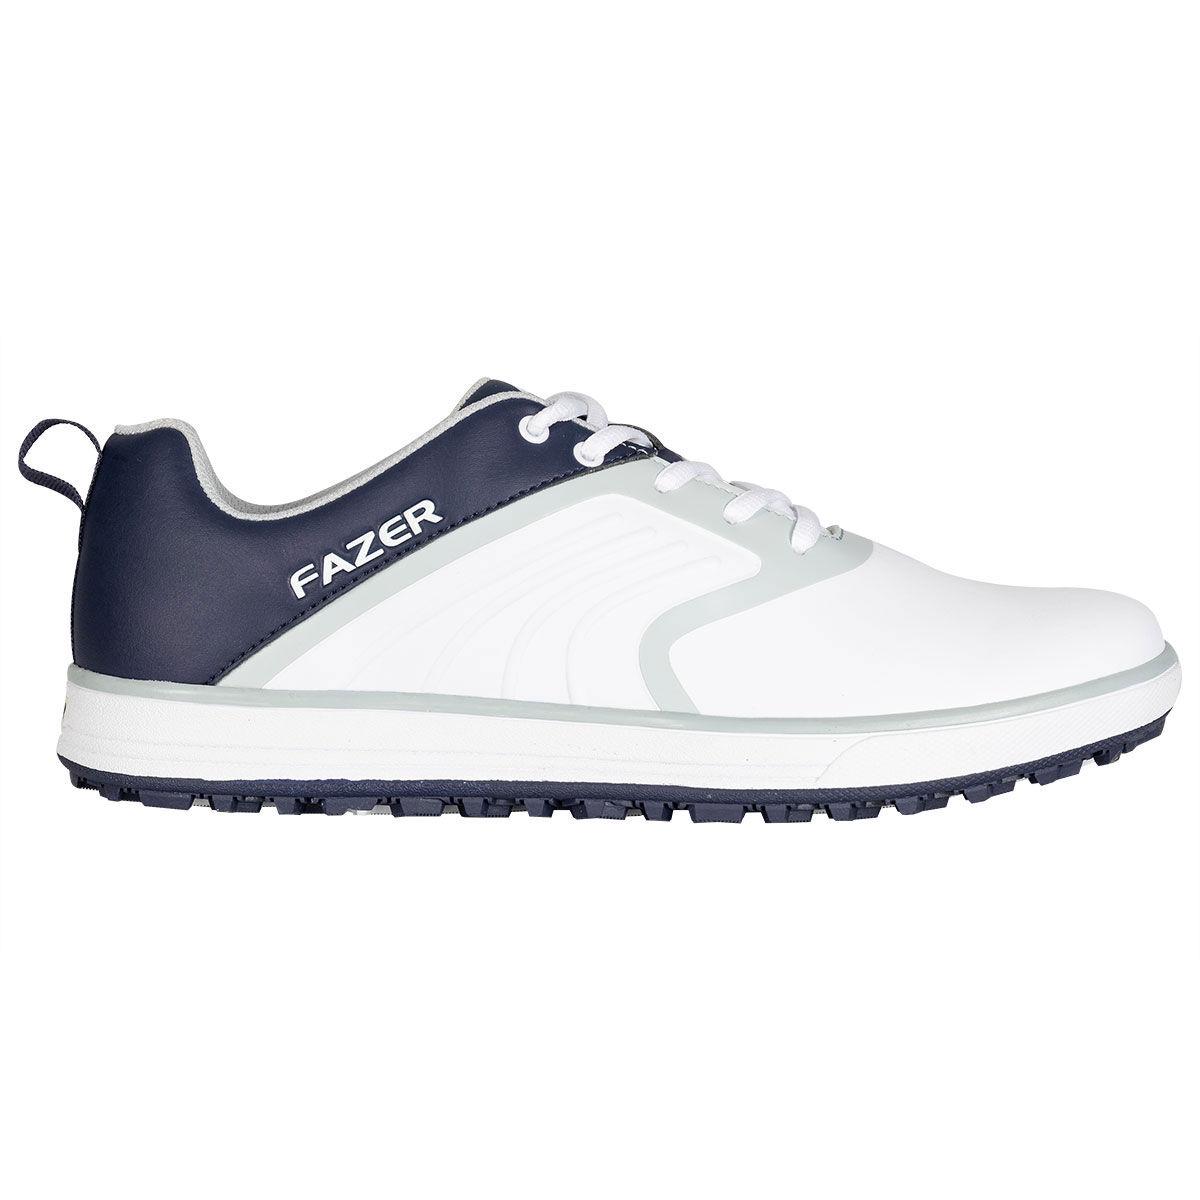 Fazer FZ-02 Europa Spikeless Golf Shoes, Male, White/Navy, 10, Regular